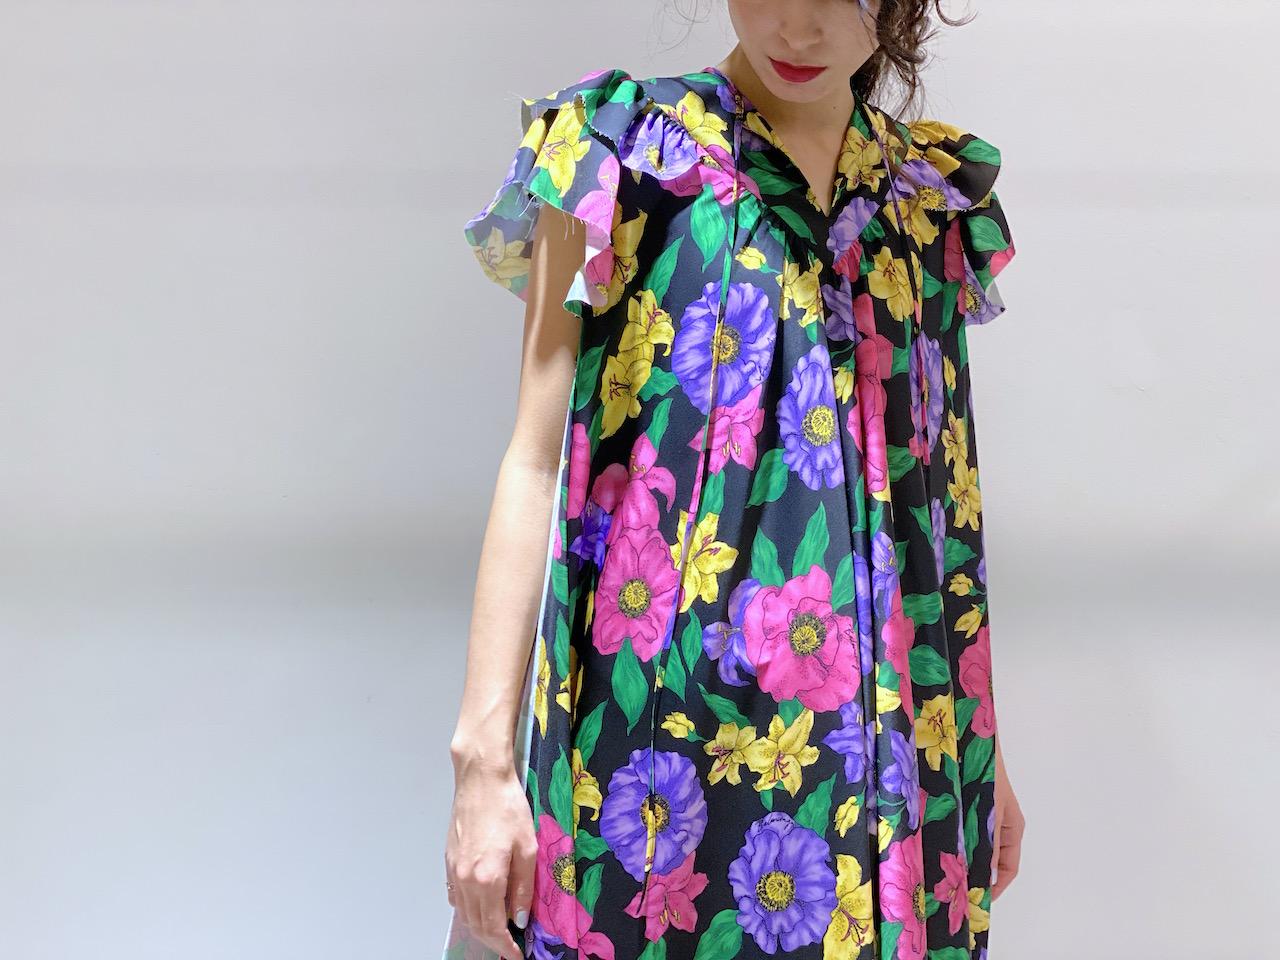 BALENCIAGA フローラルノースリーブドレス【20SS】